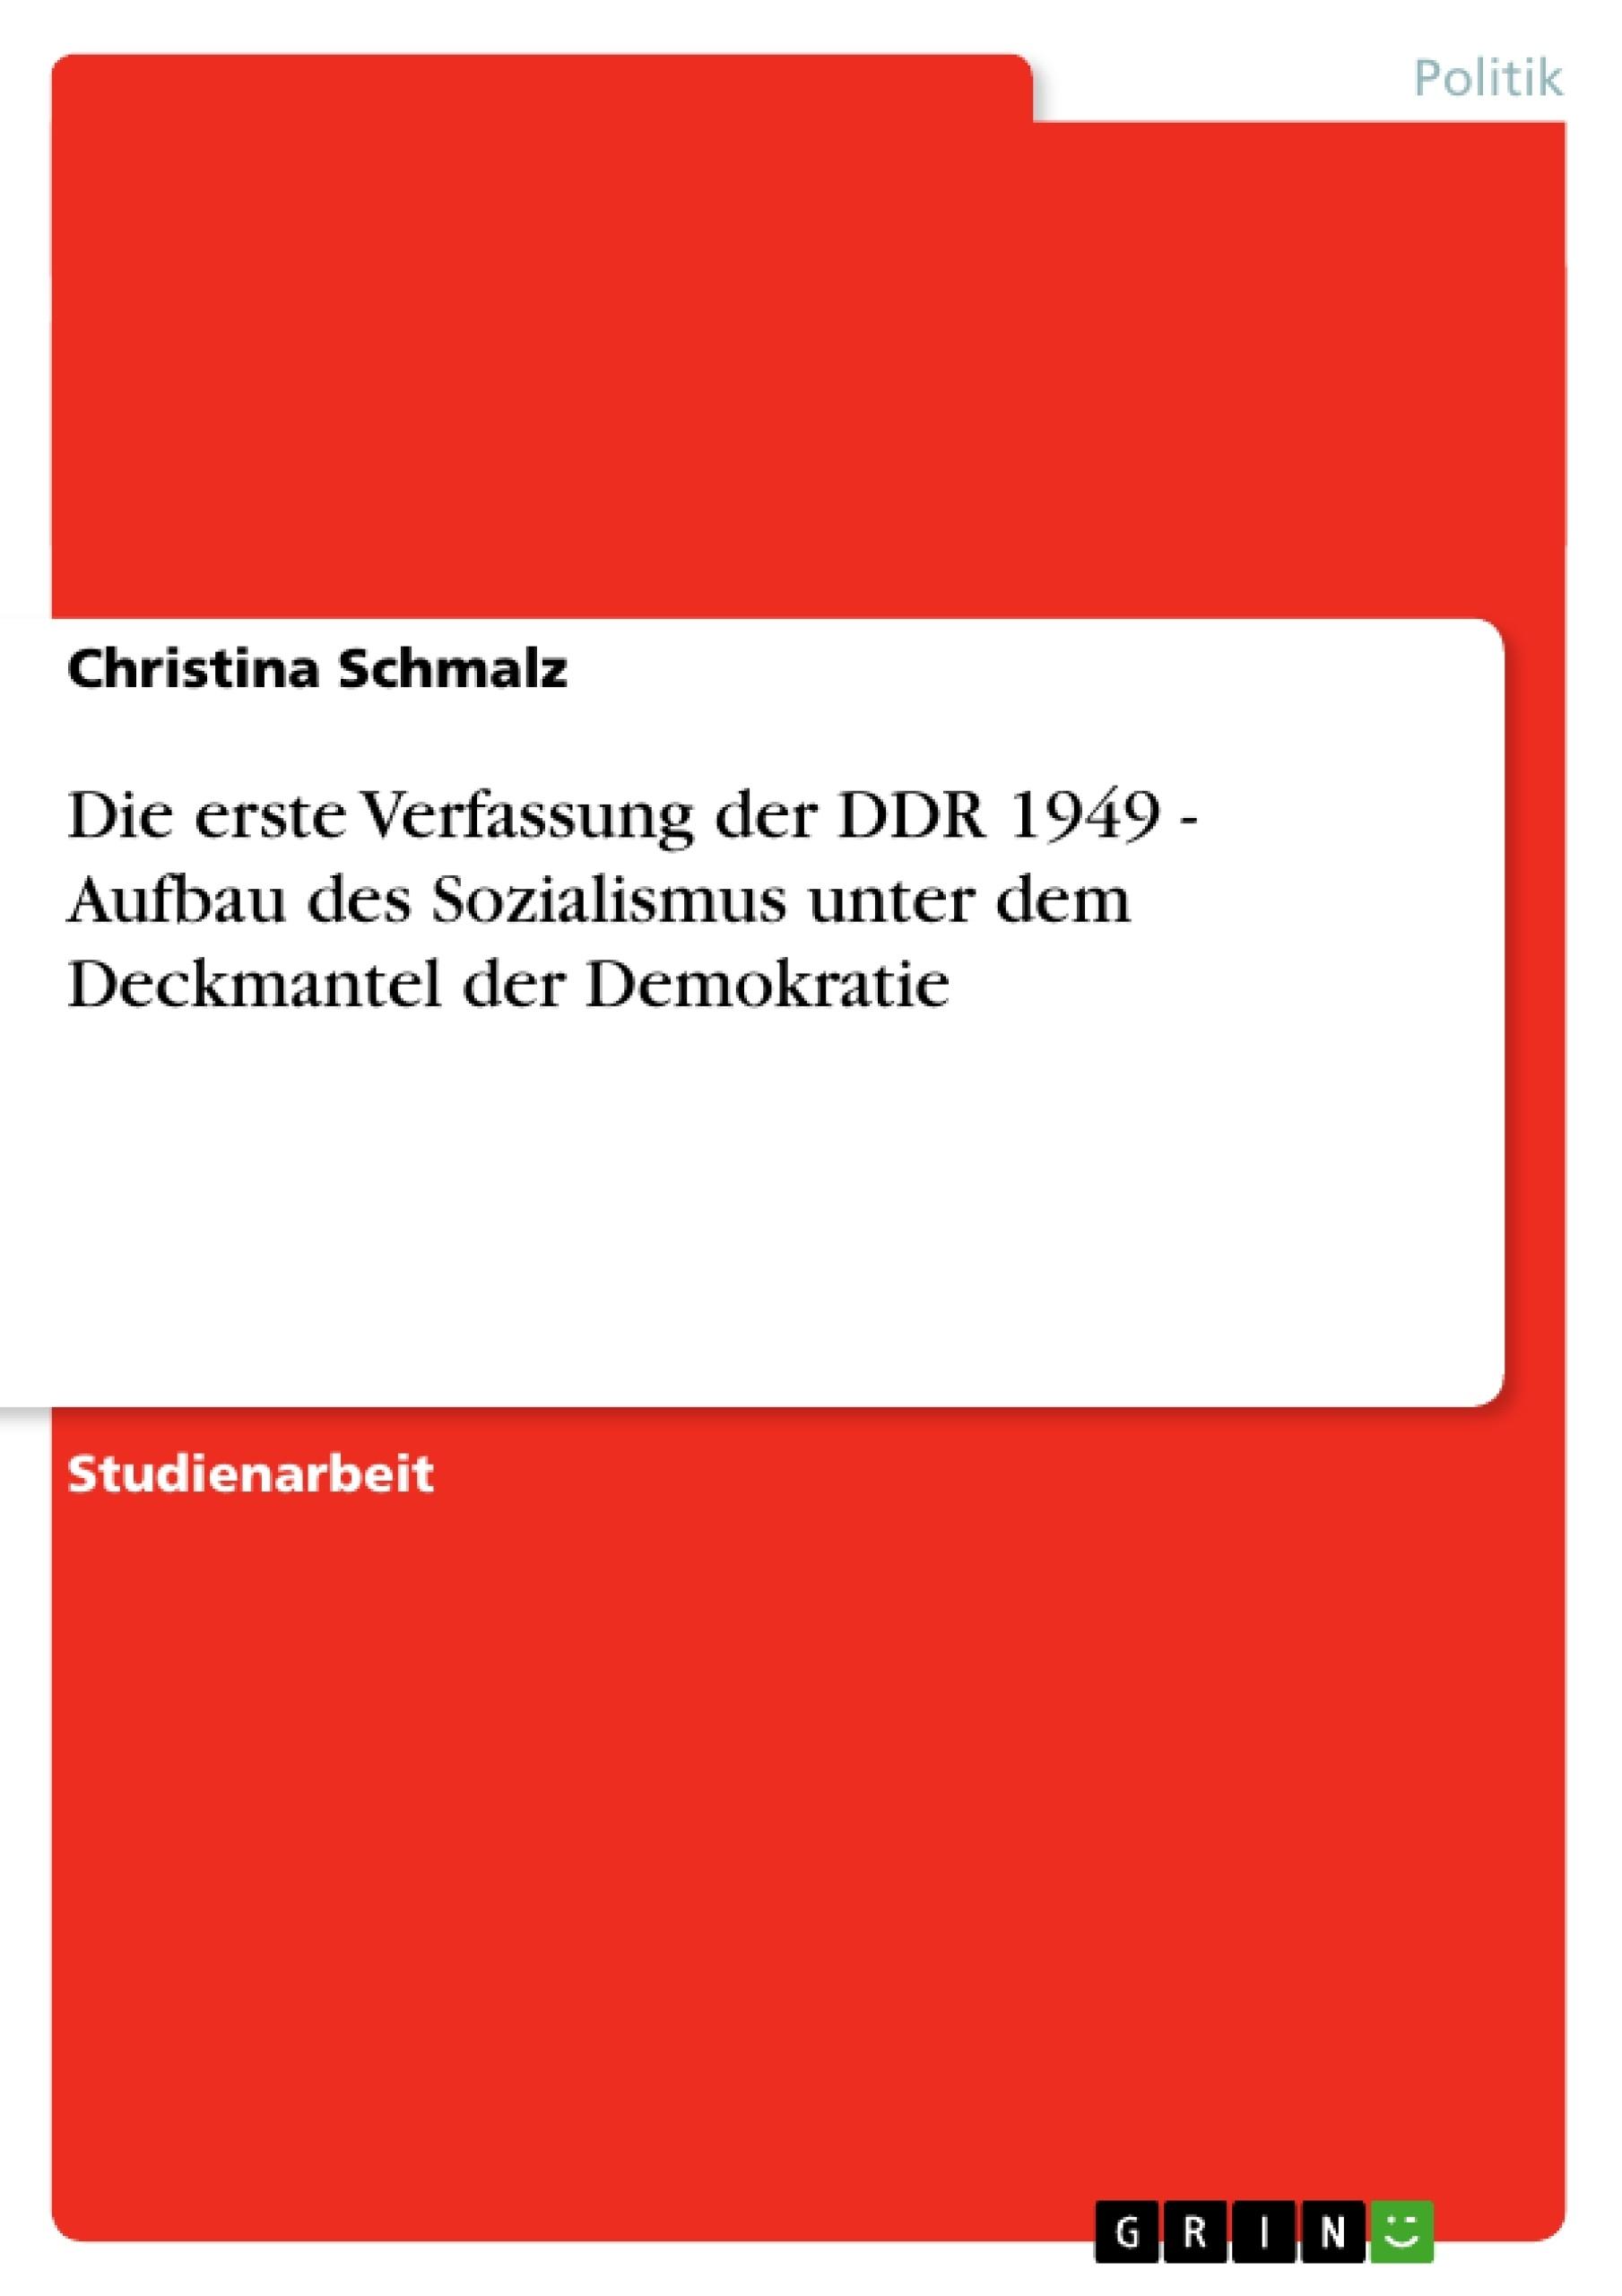 Titel: Die erste Verfassung der DDR 1949 - Aufbau des Sozialismus unter dem Deckmantel der Demokratie